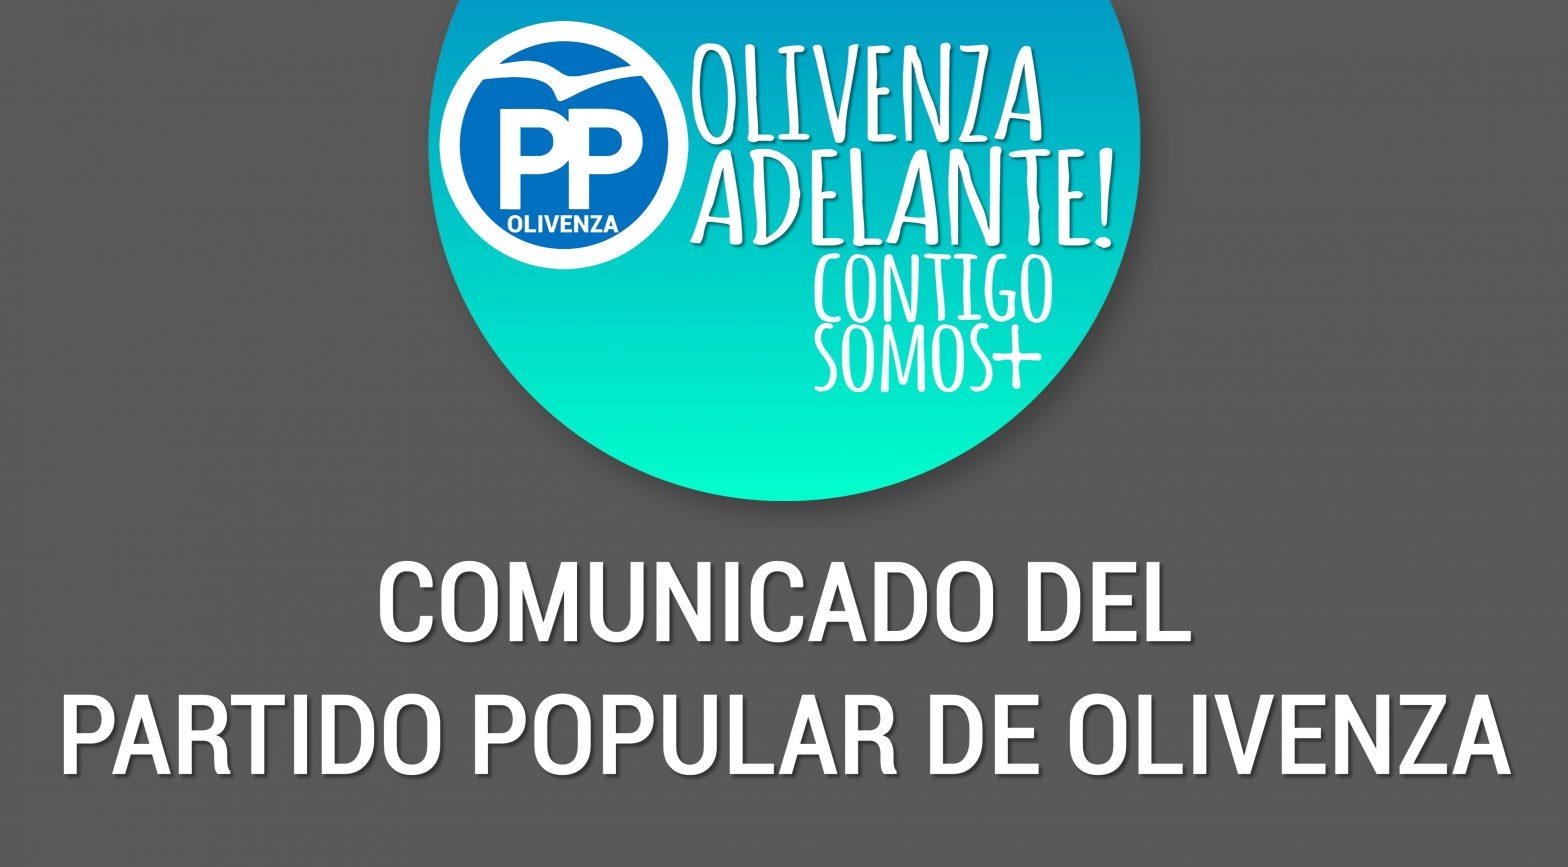 Comunicado del Partido Popular de Olivenza